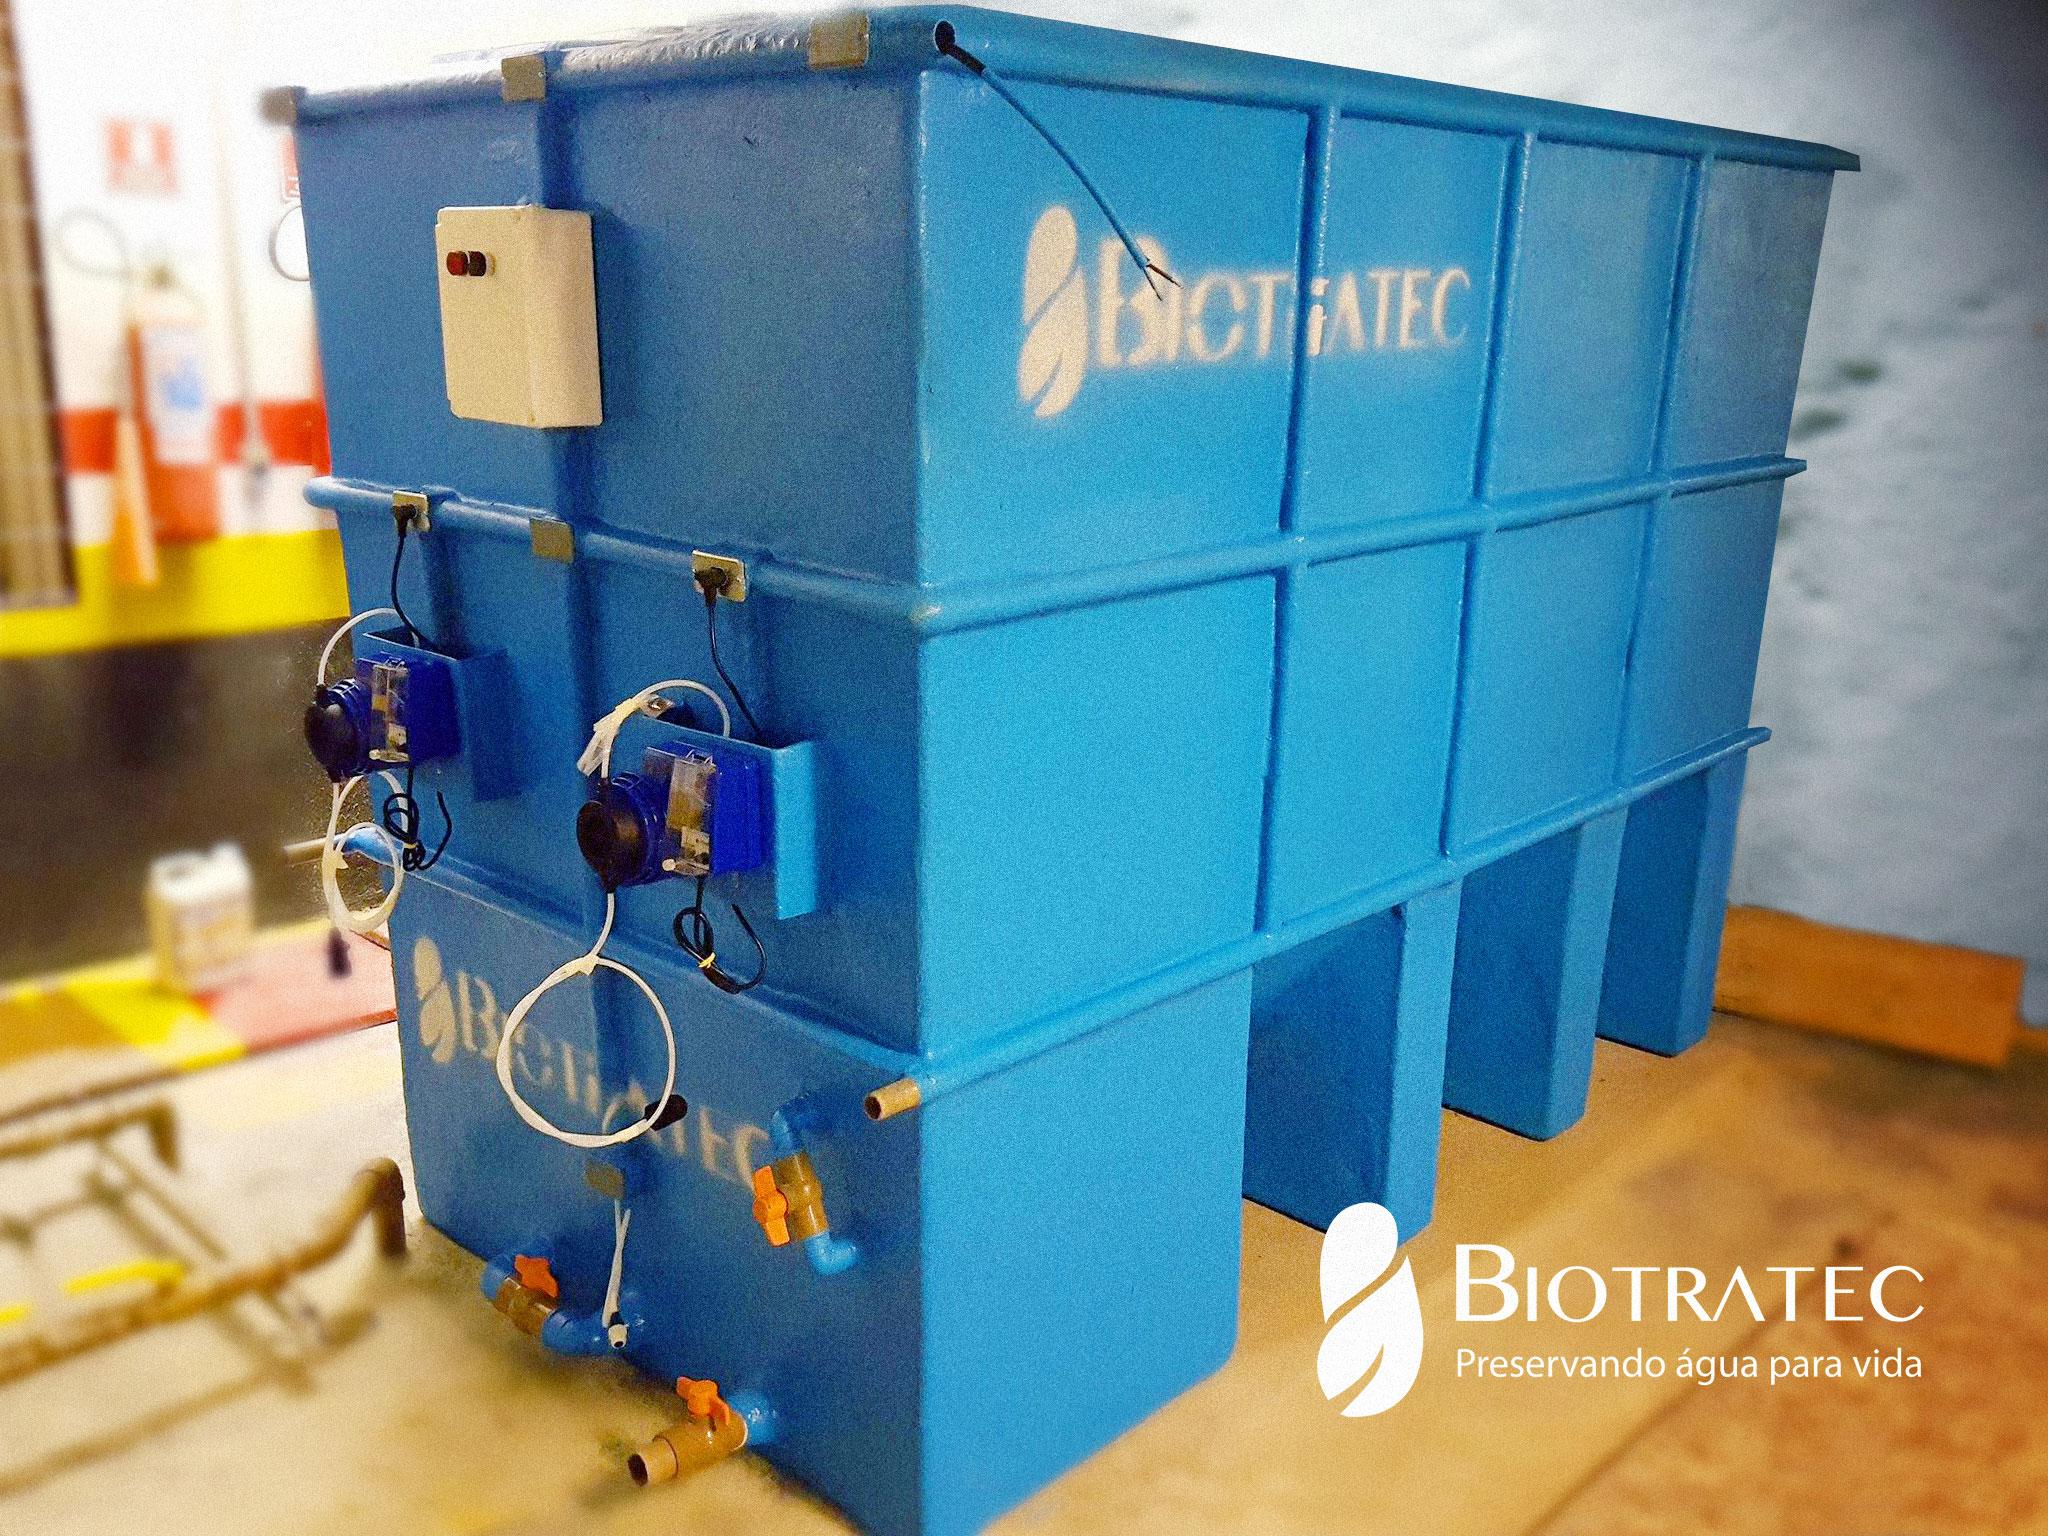 etar-biotratec-22